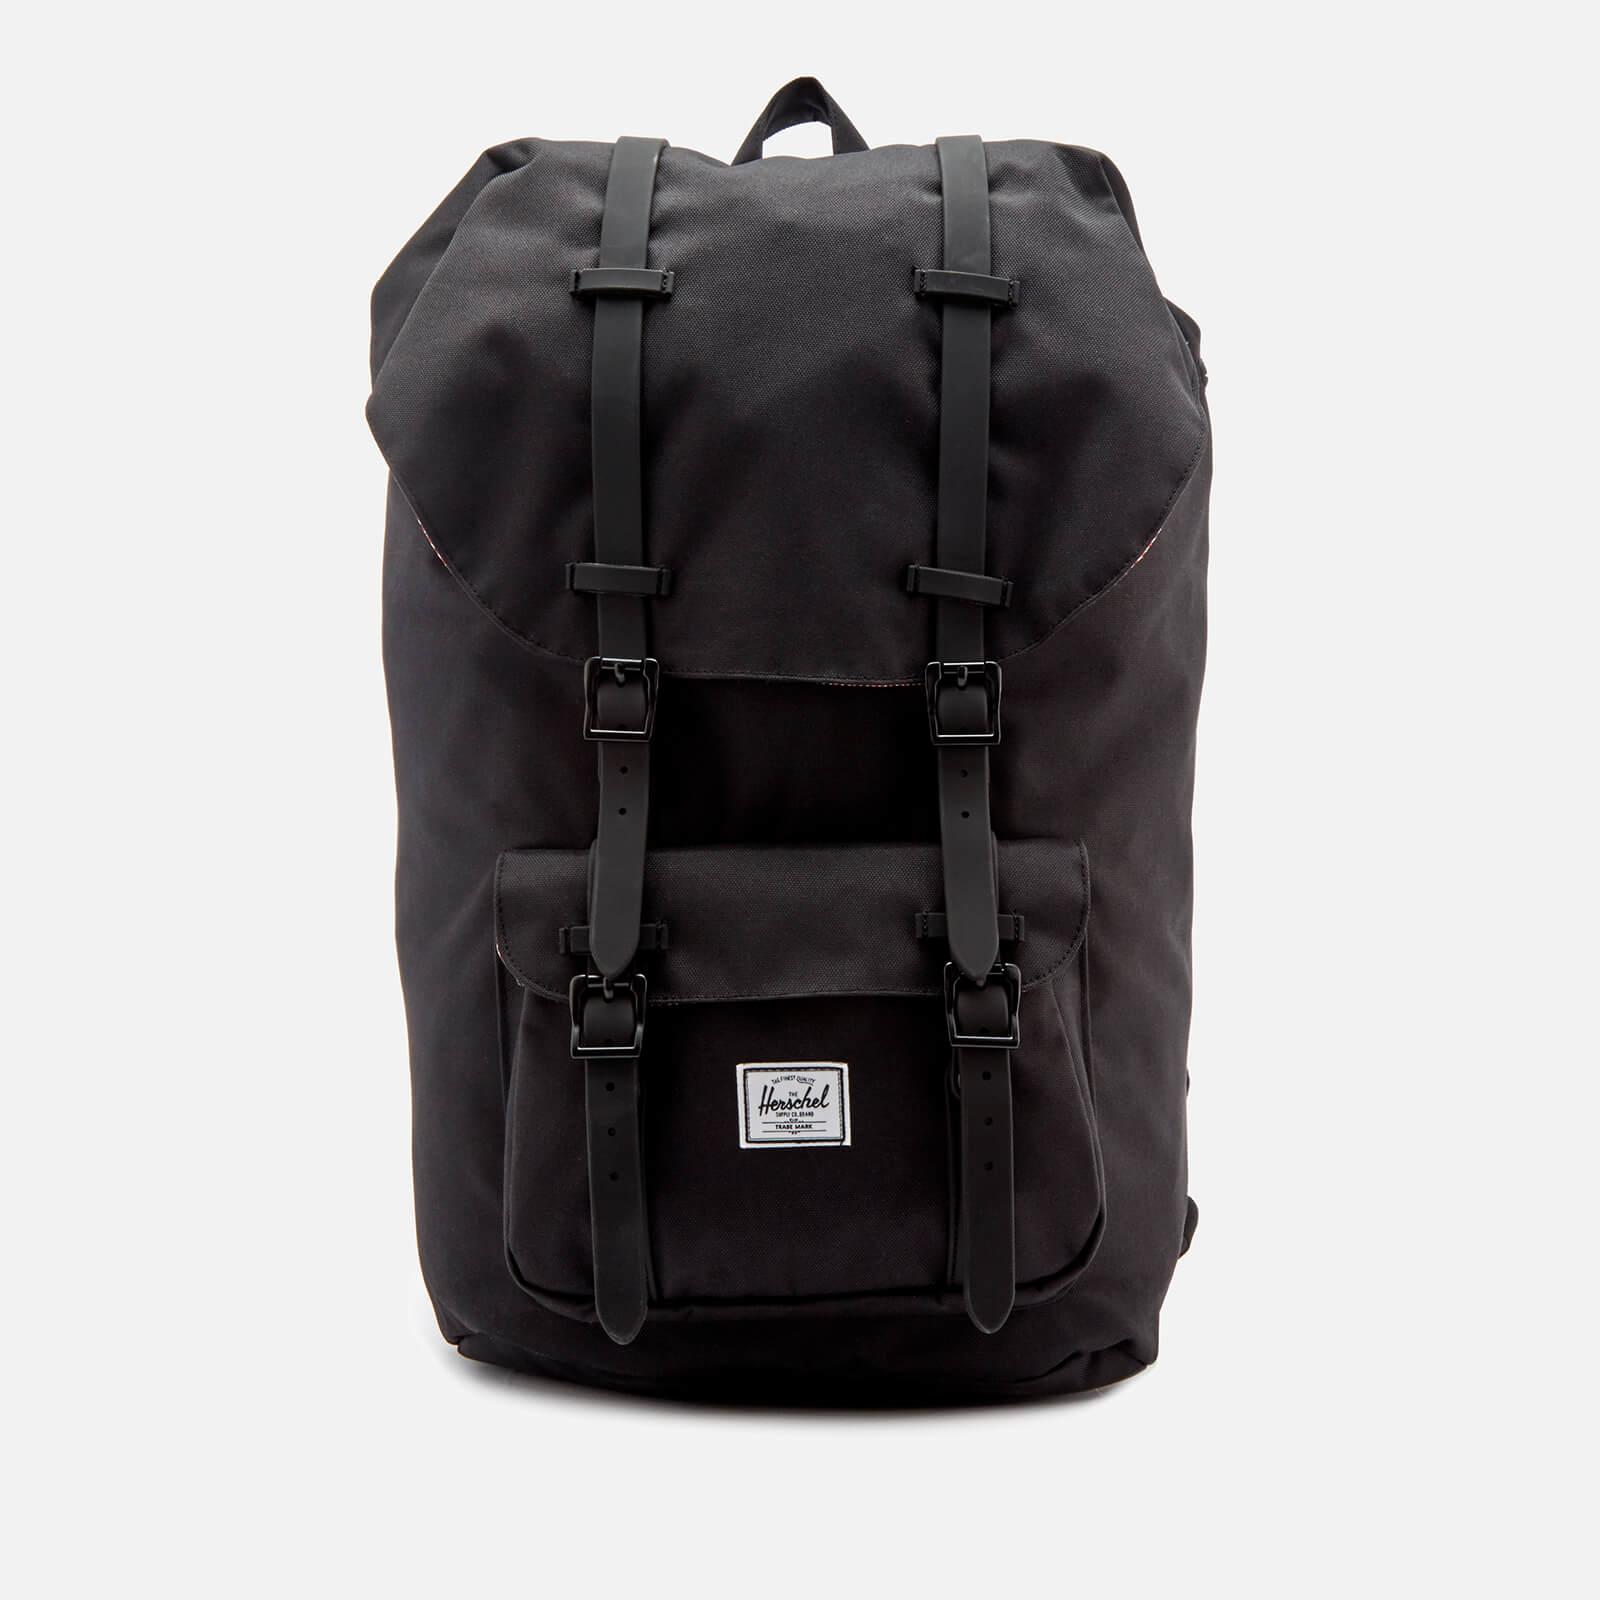 86c97c860b3 Men s Little America Backpack - Black Rubber Herschel Supply Co. Men s  Little America Backpack - Black Rubber